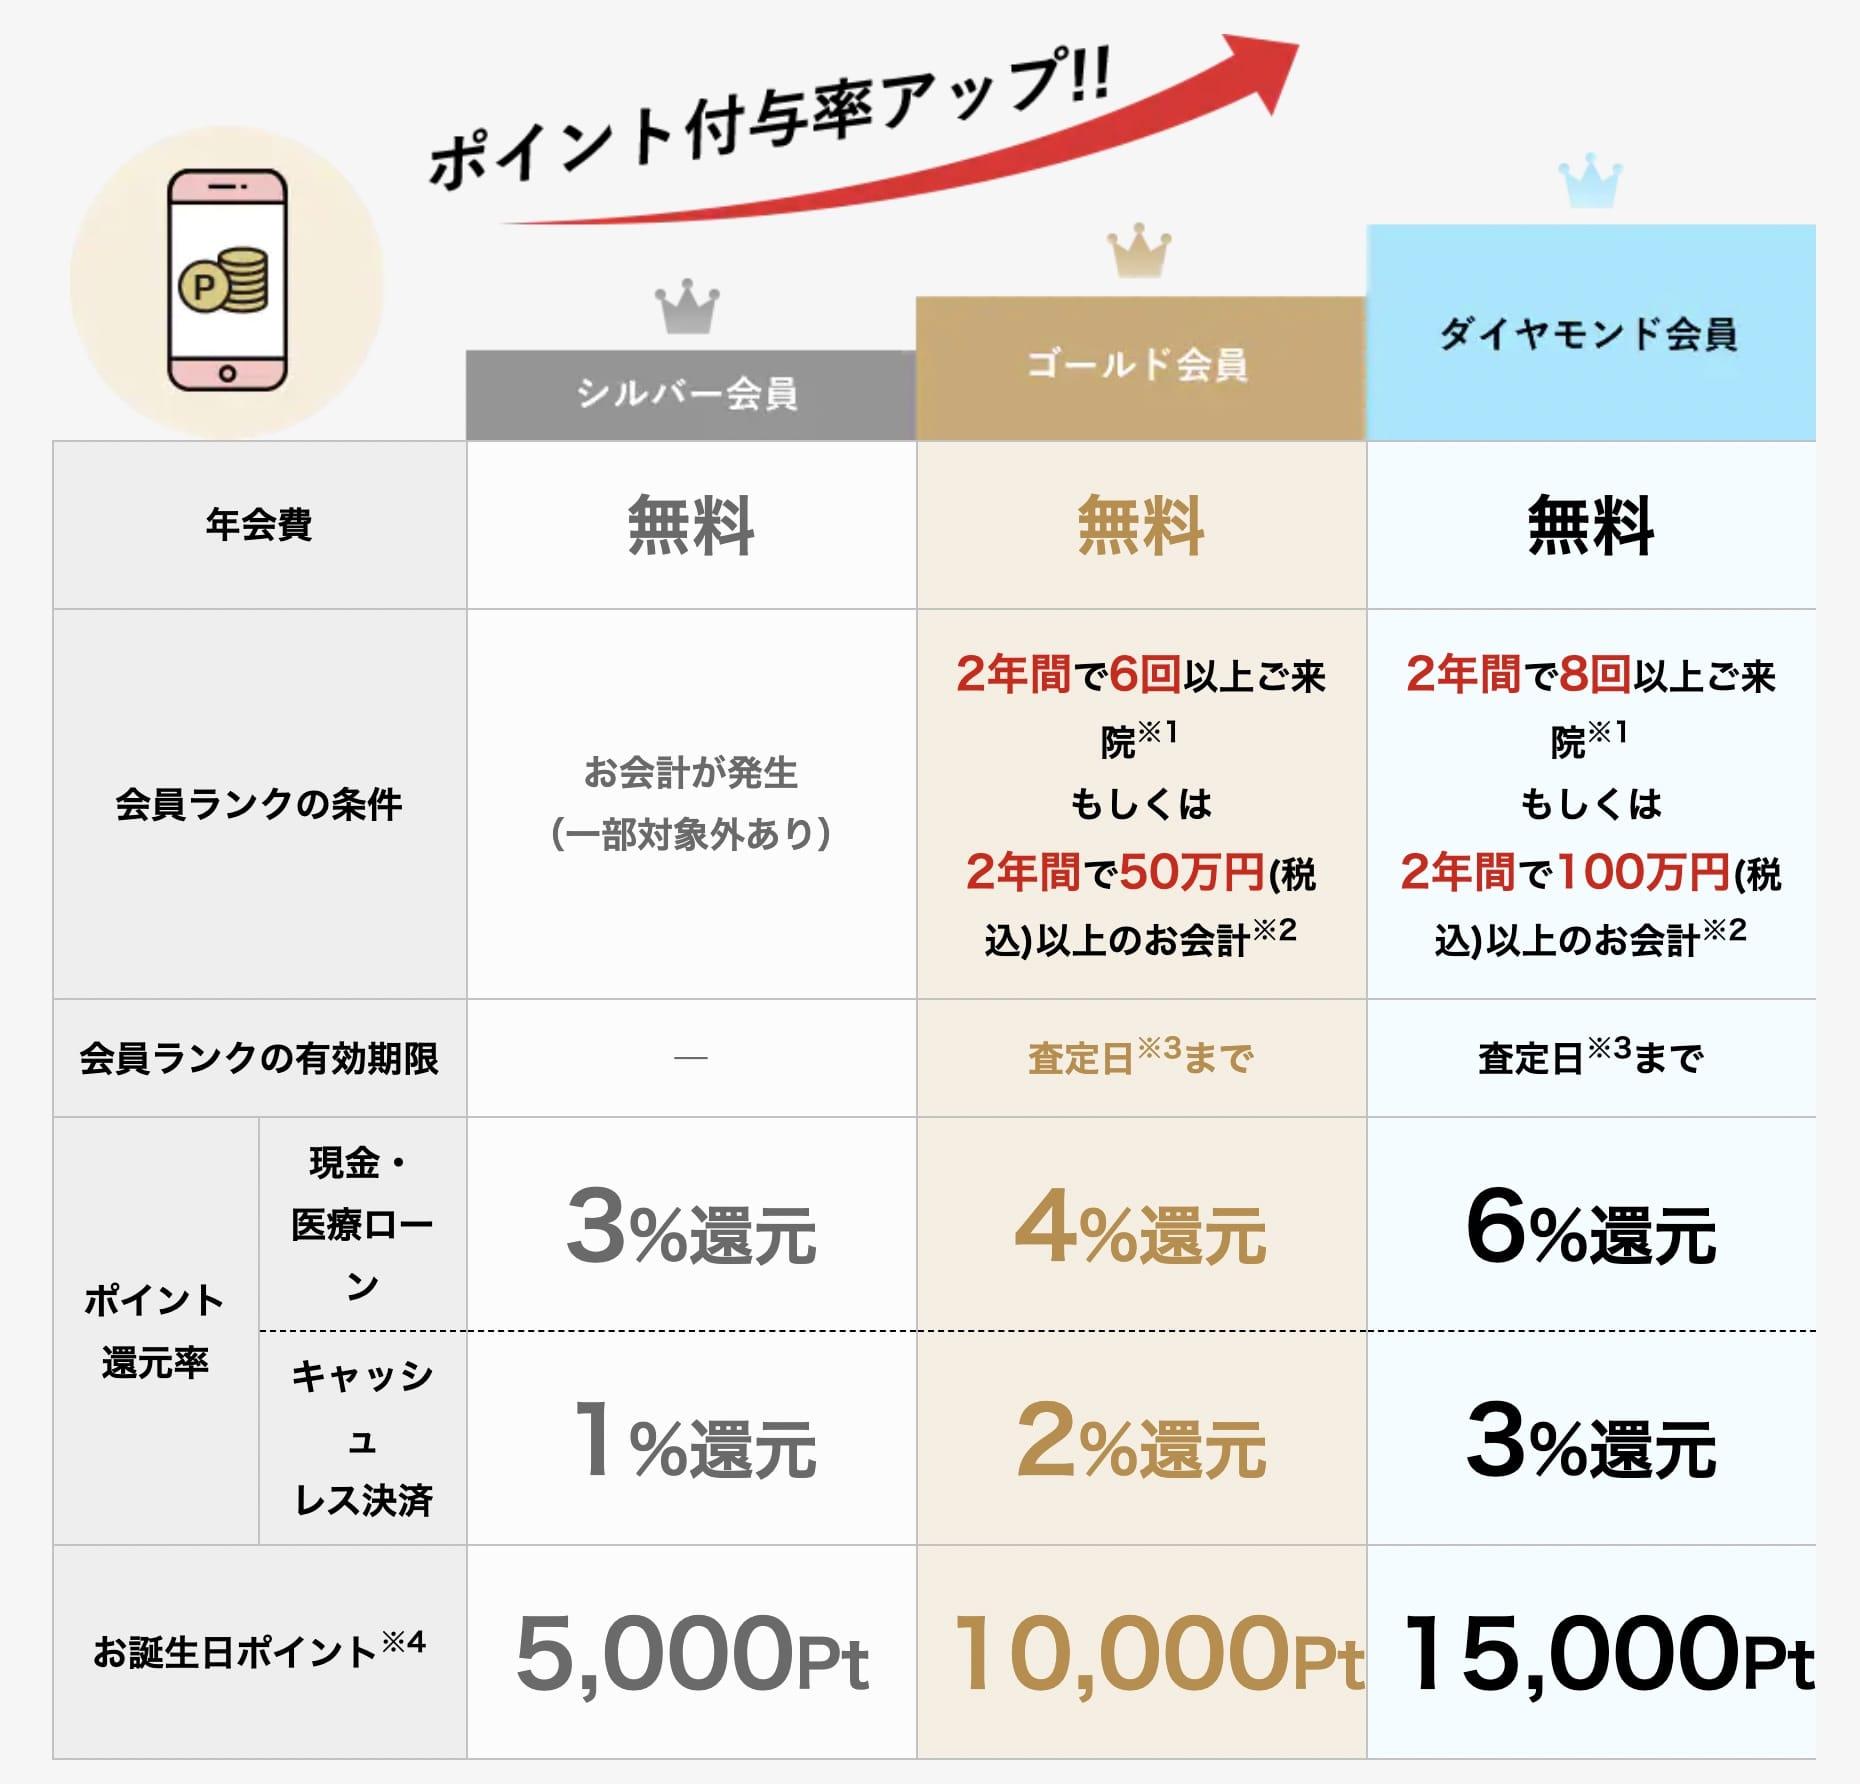 湘南美容クリニックの新しいポイントランクシステムの概要図